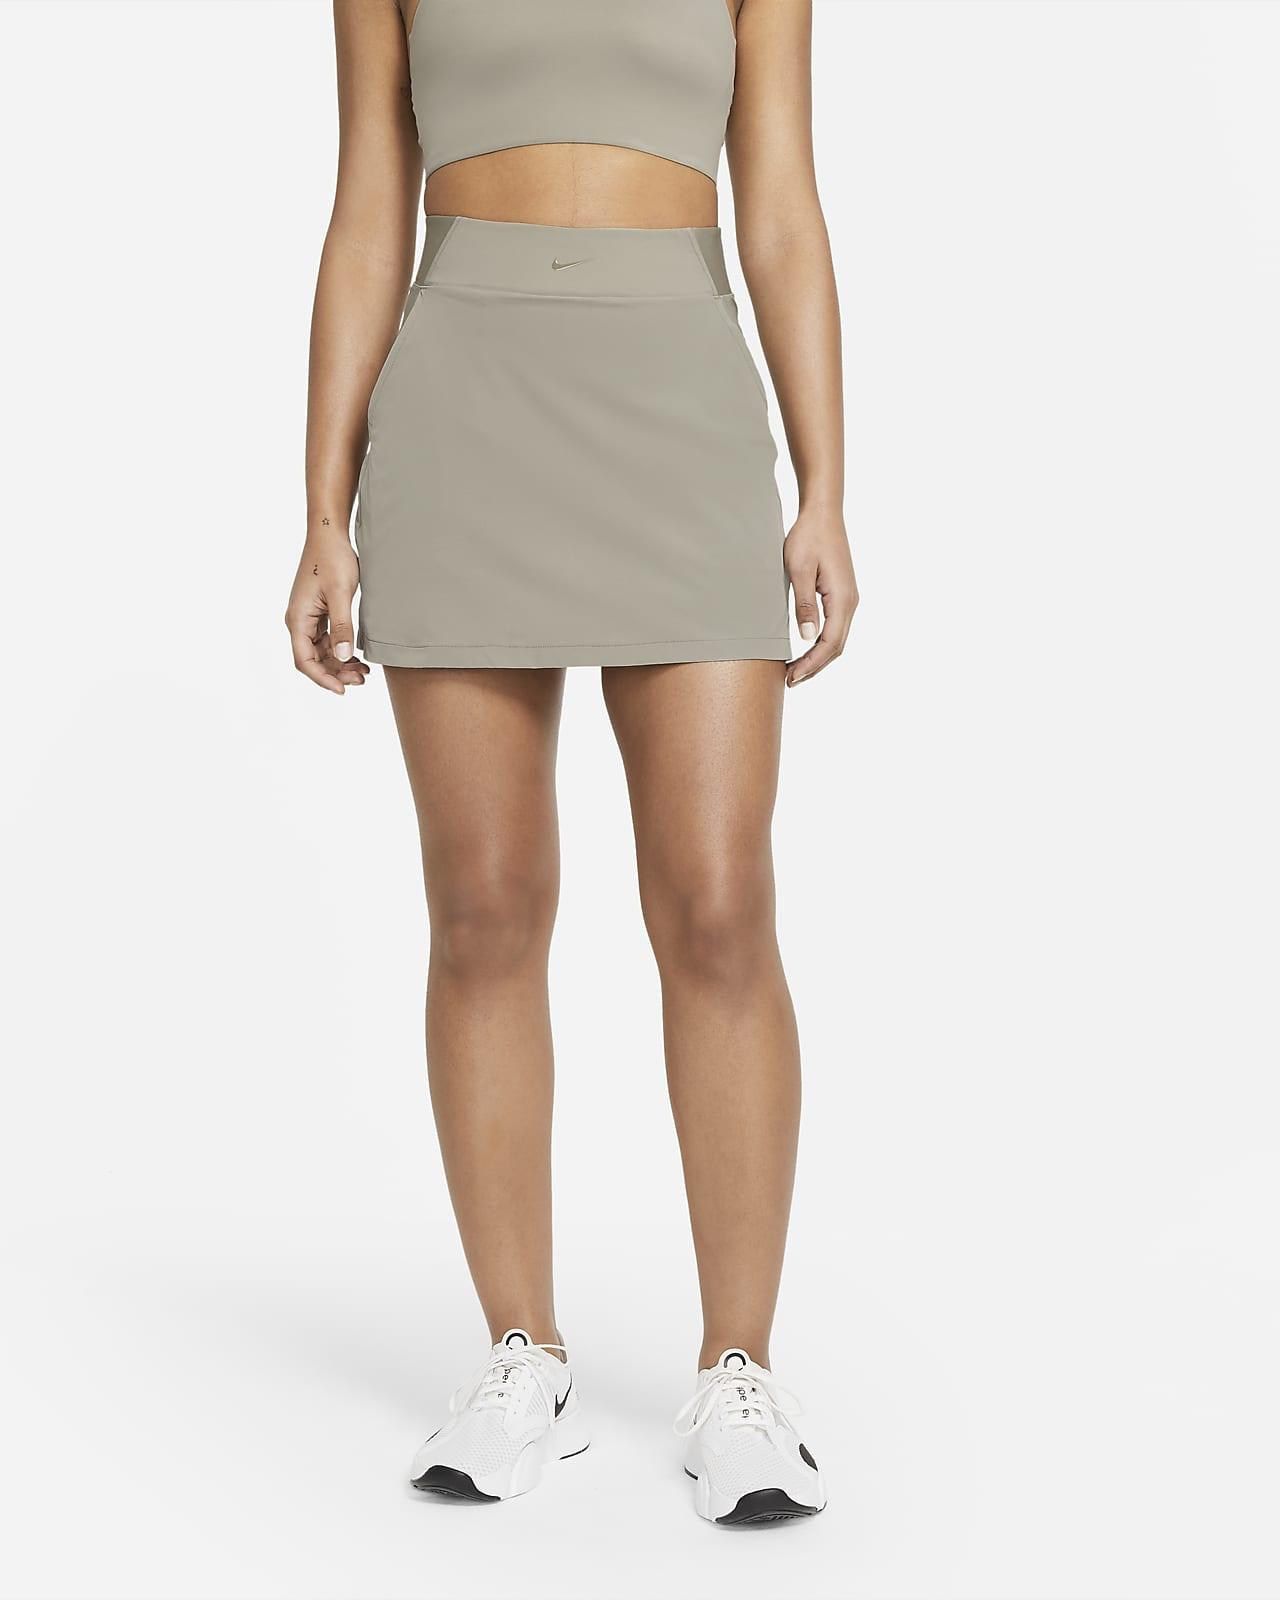 Falda pantalón de entrenamiento para mujer Nike Bliss Luxe